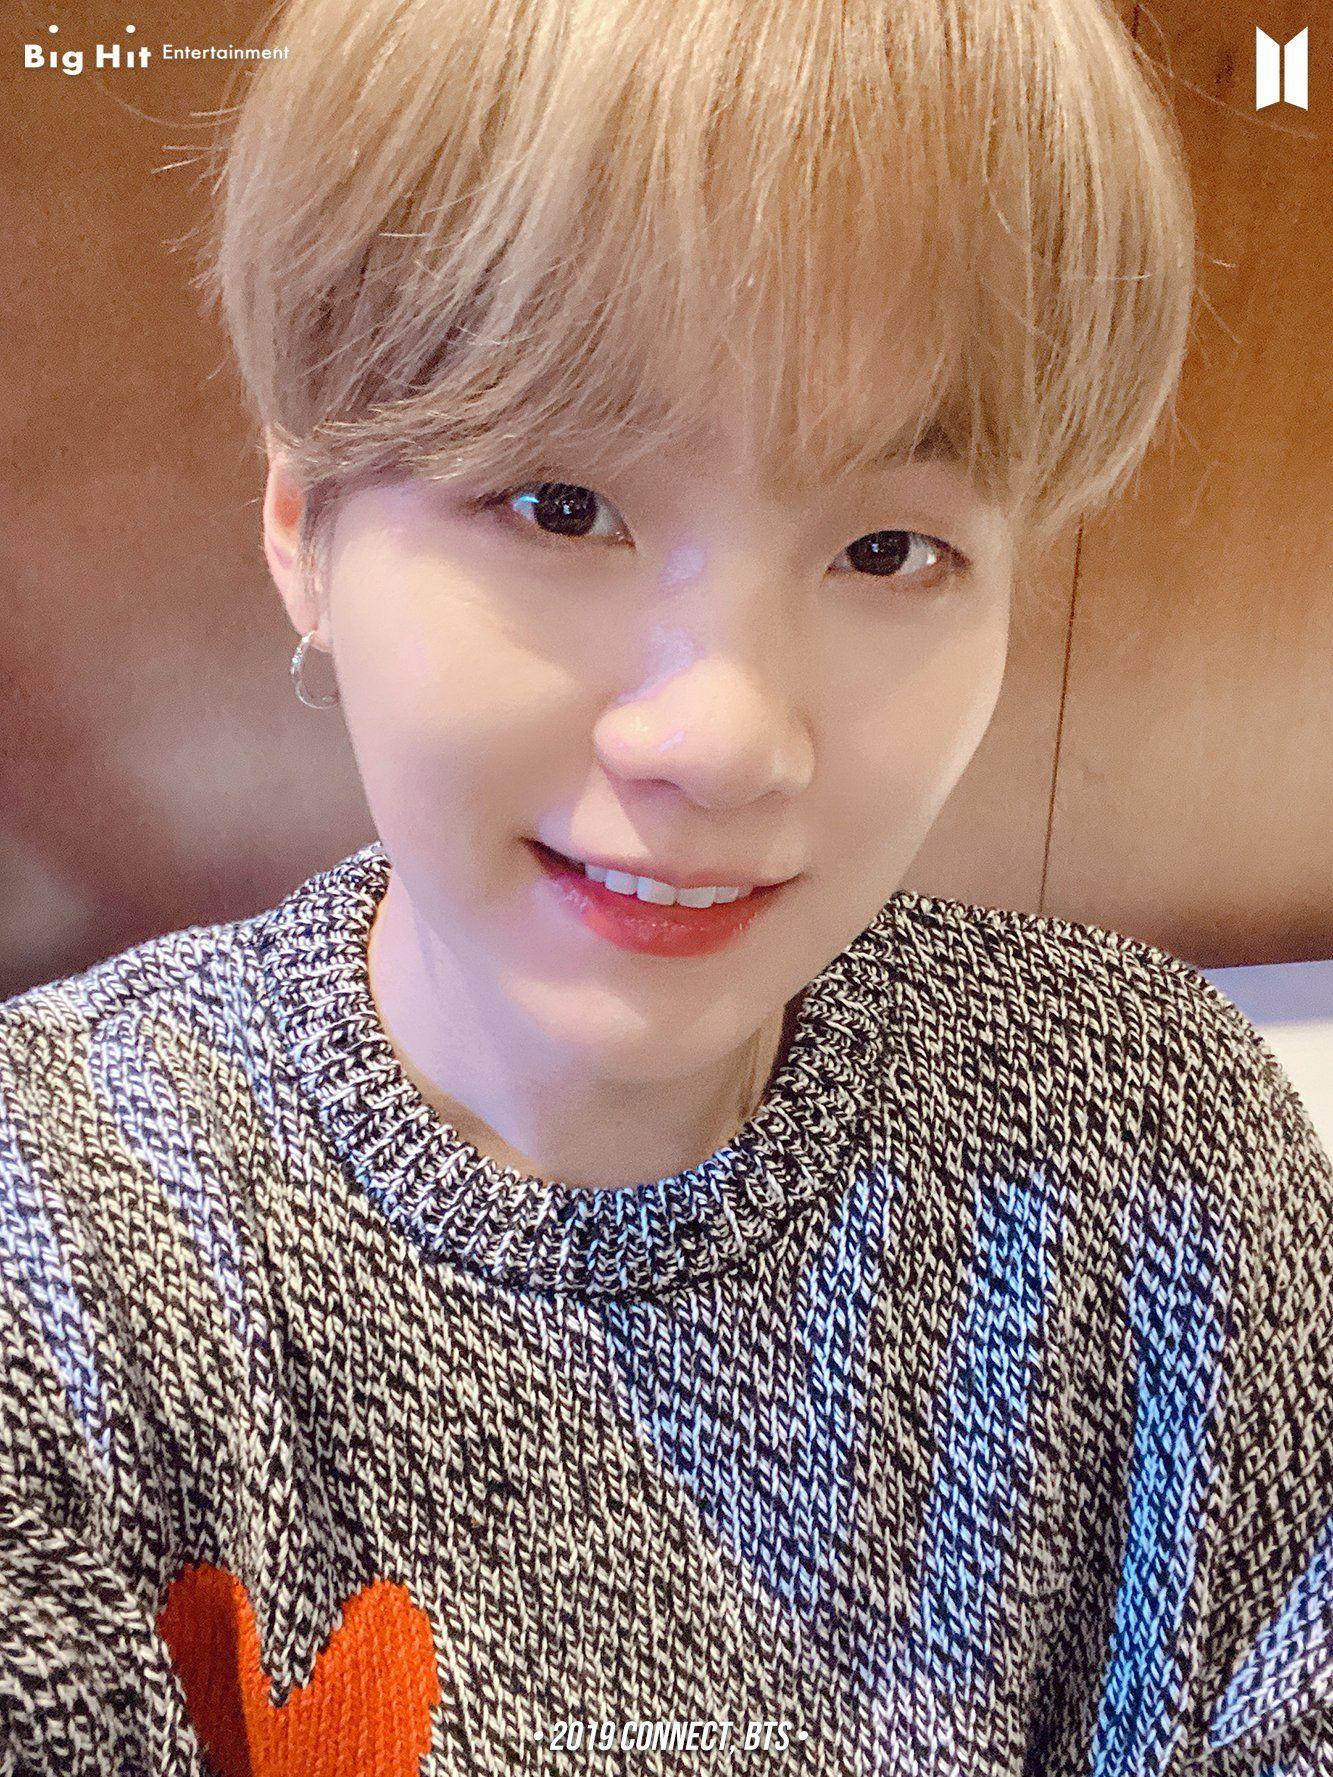 Min Suga Hq On Twitter In 2021 Min Yoongi Bts Yoongi Bts Suga